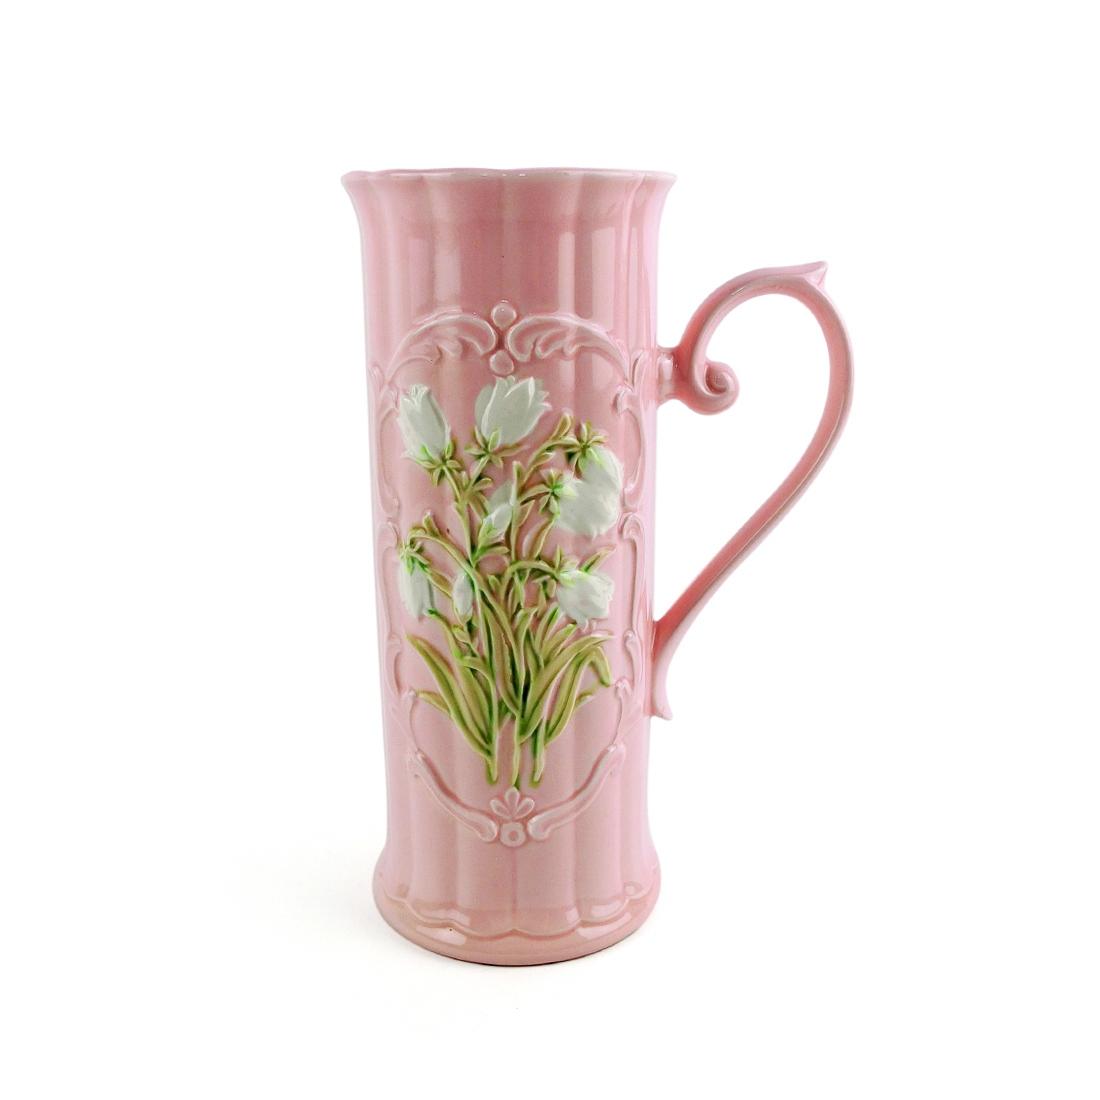 Bình Cắm Hoa Sứ Mỏng Có Tay Cầm Handmade Kyoei - Nhật - 10 x 23.5 cm - 511073